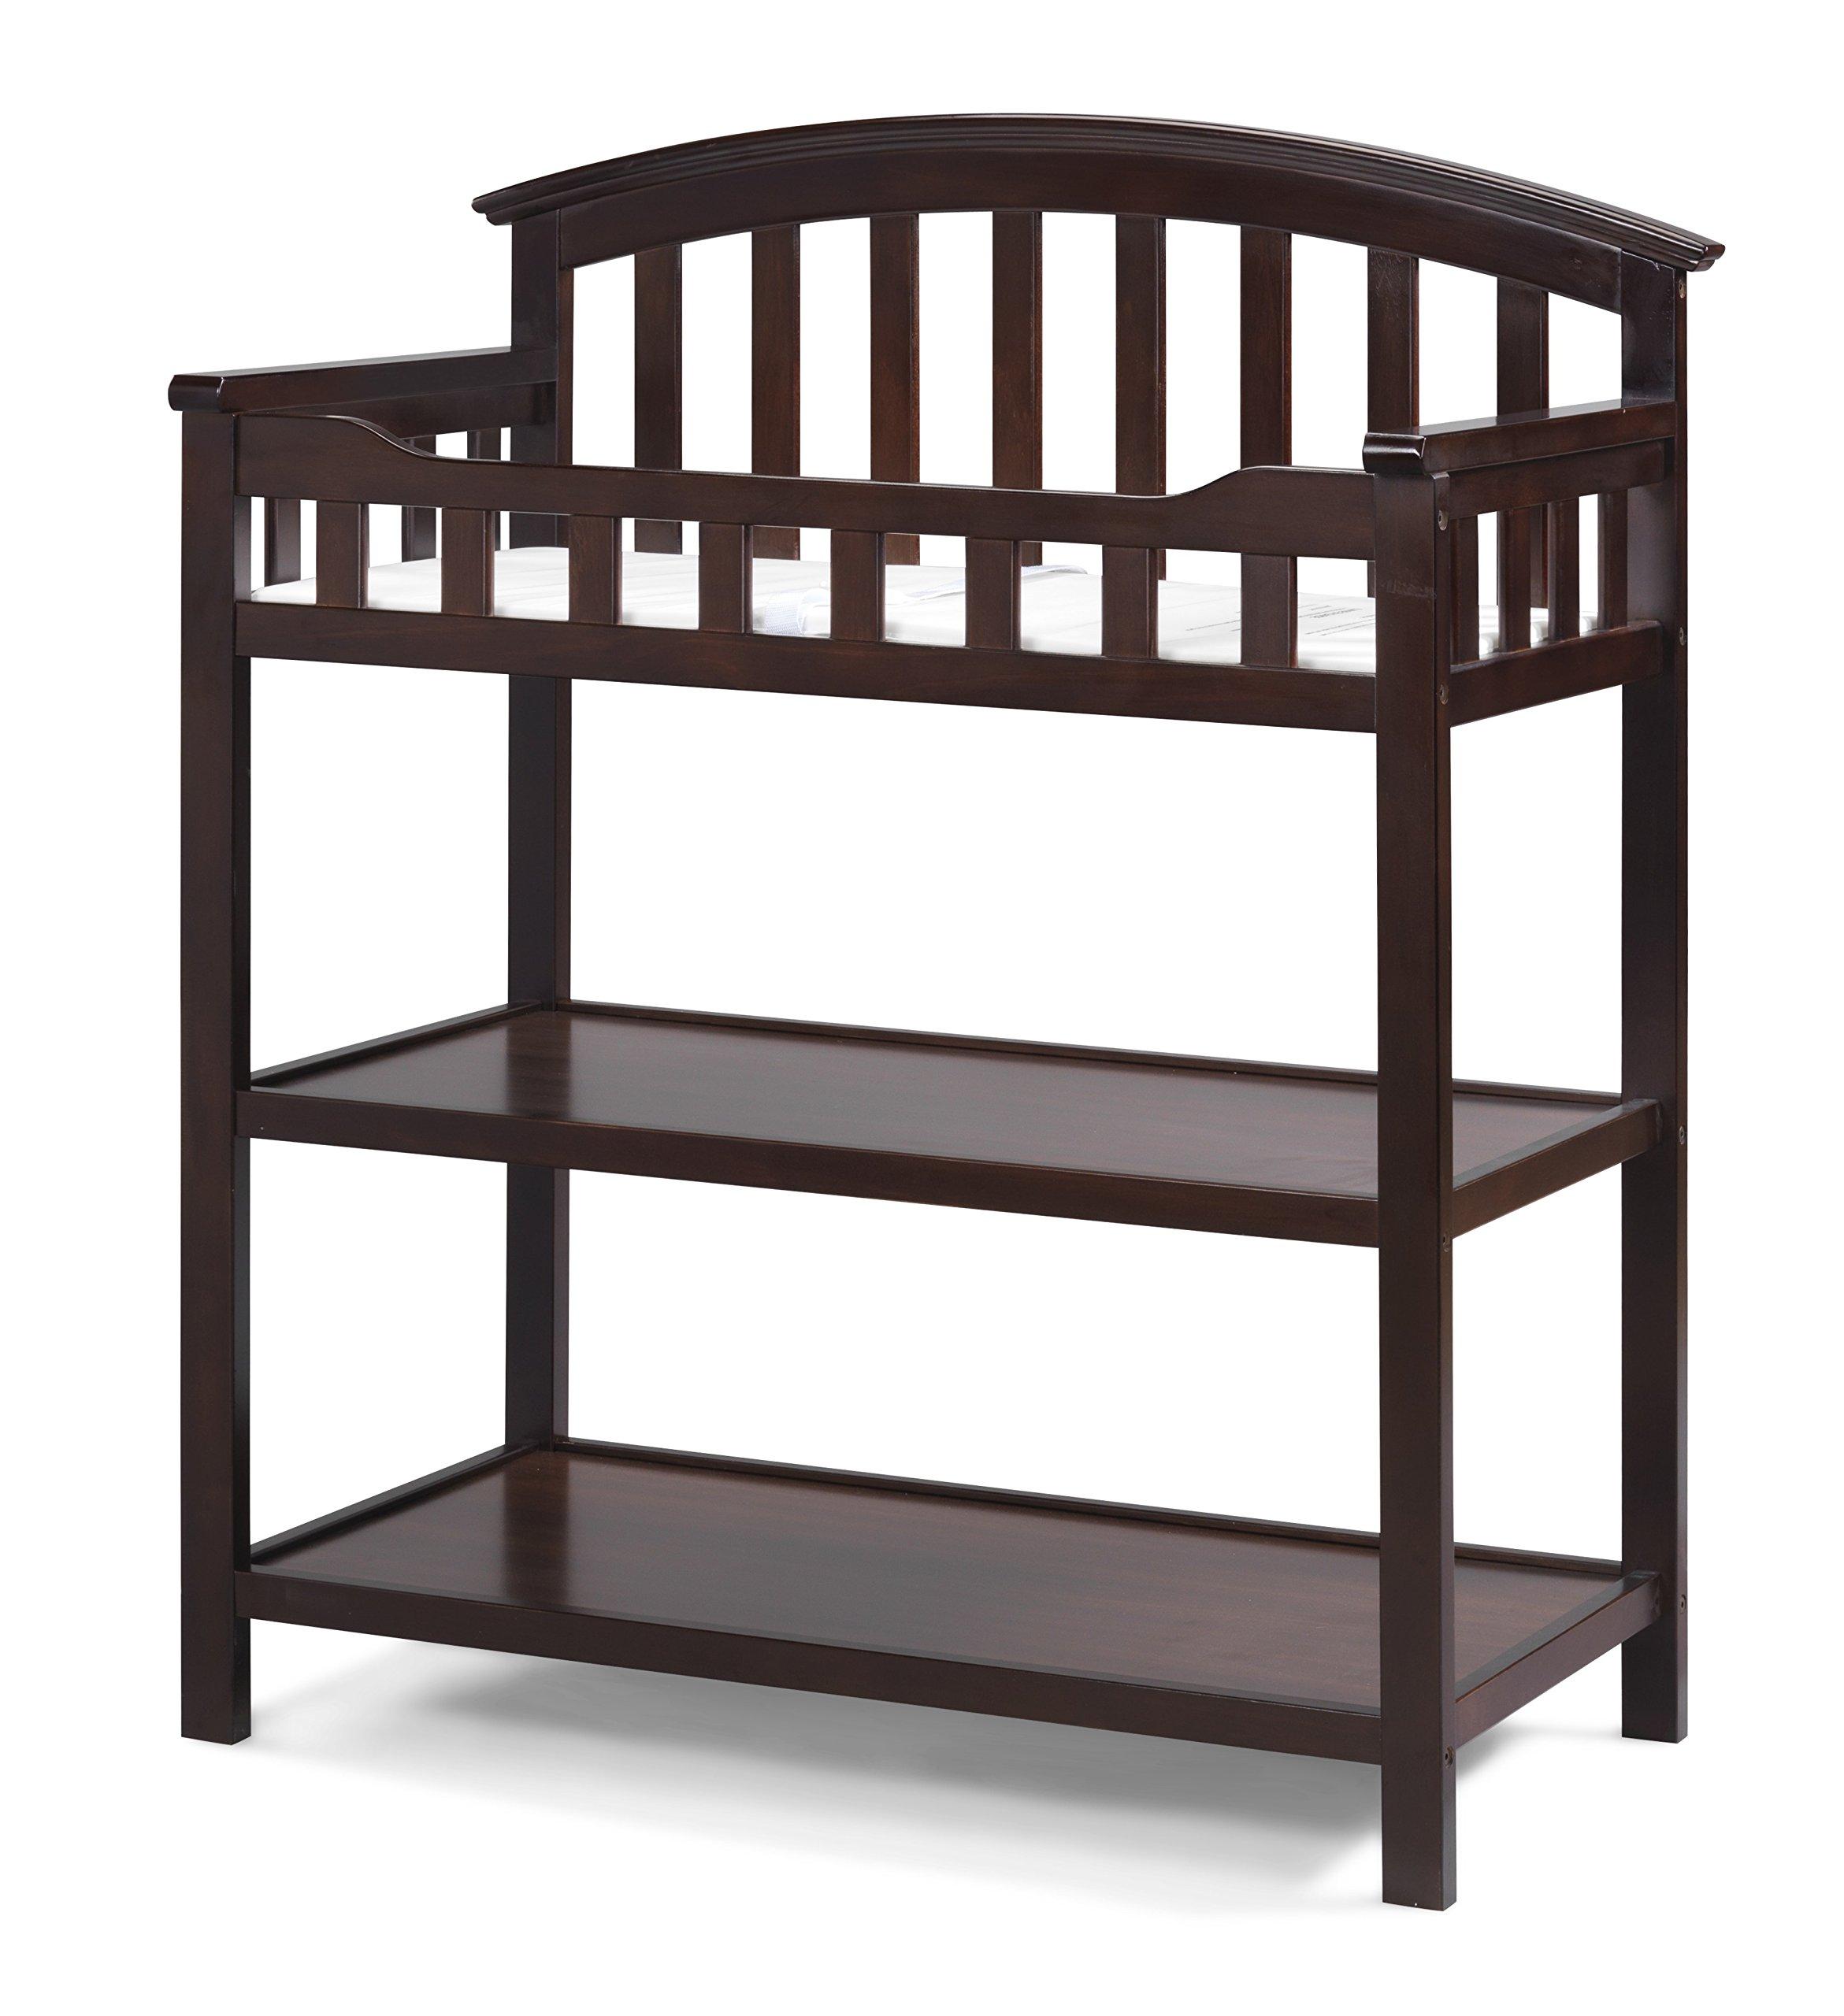 Amazon Com Graco Solano 4 In 1 Convertible Crib And